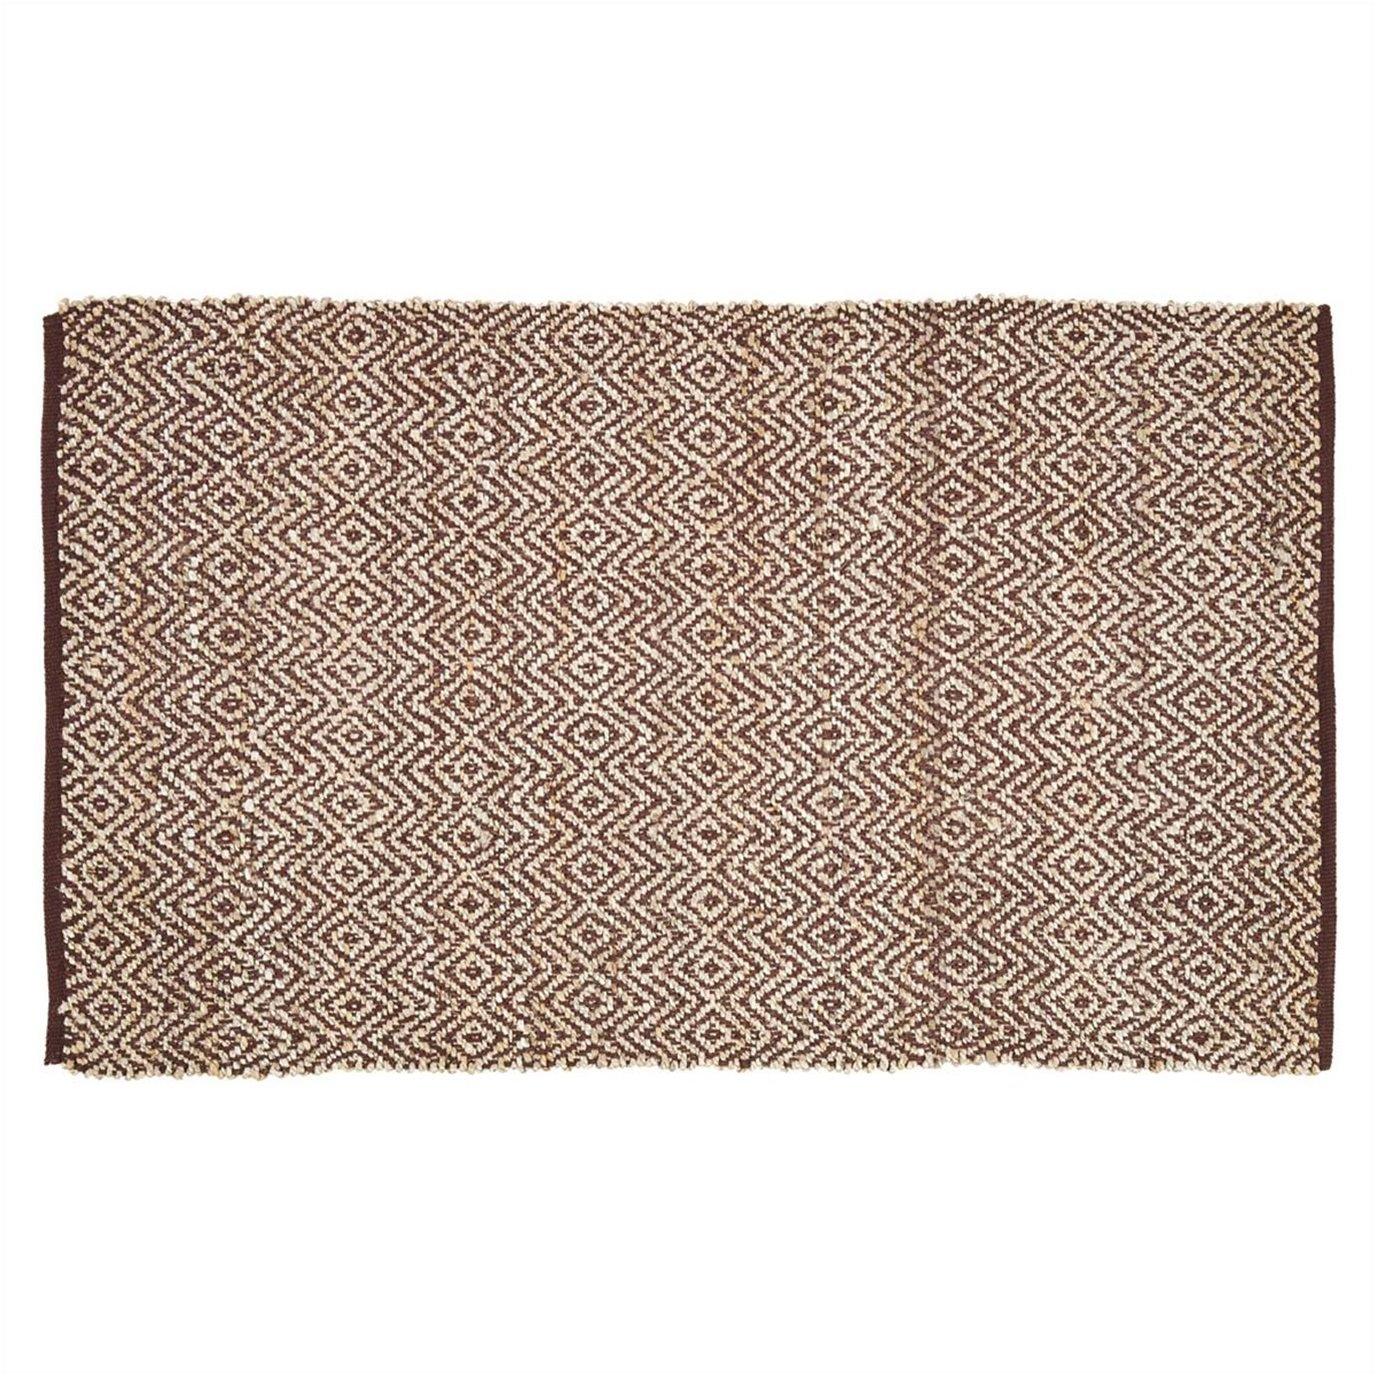 Zuma Brown Rug 36x60